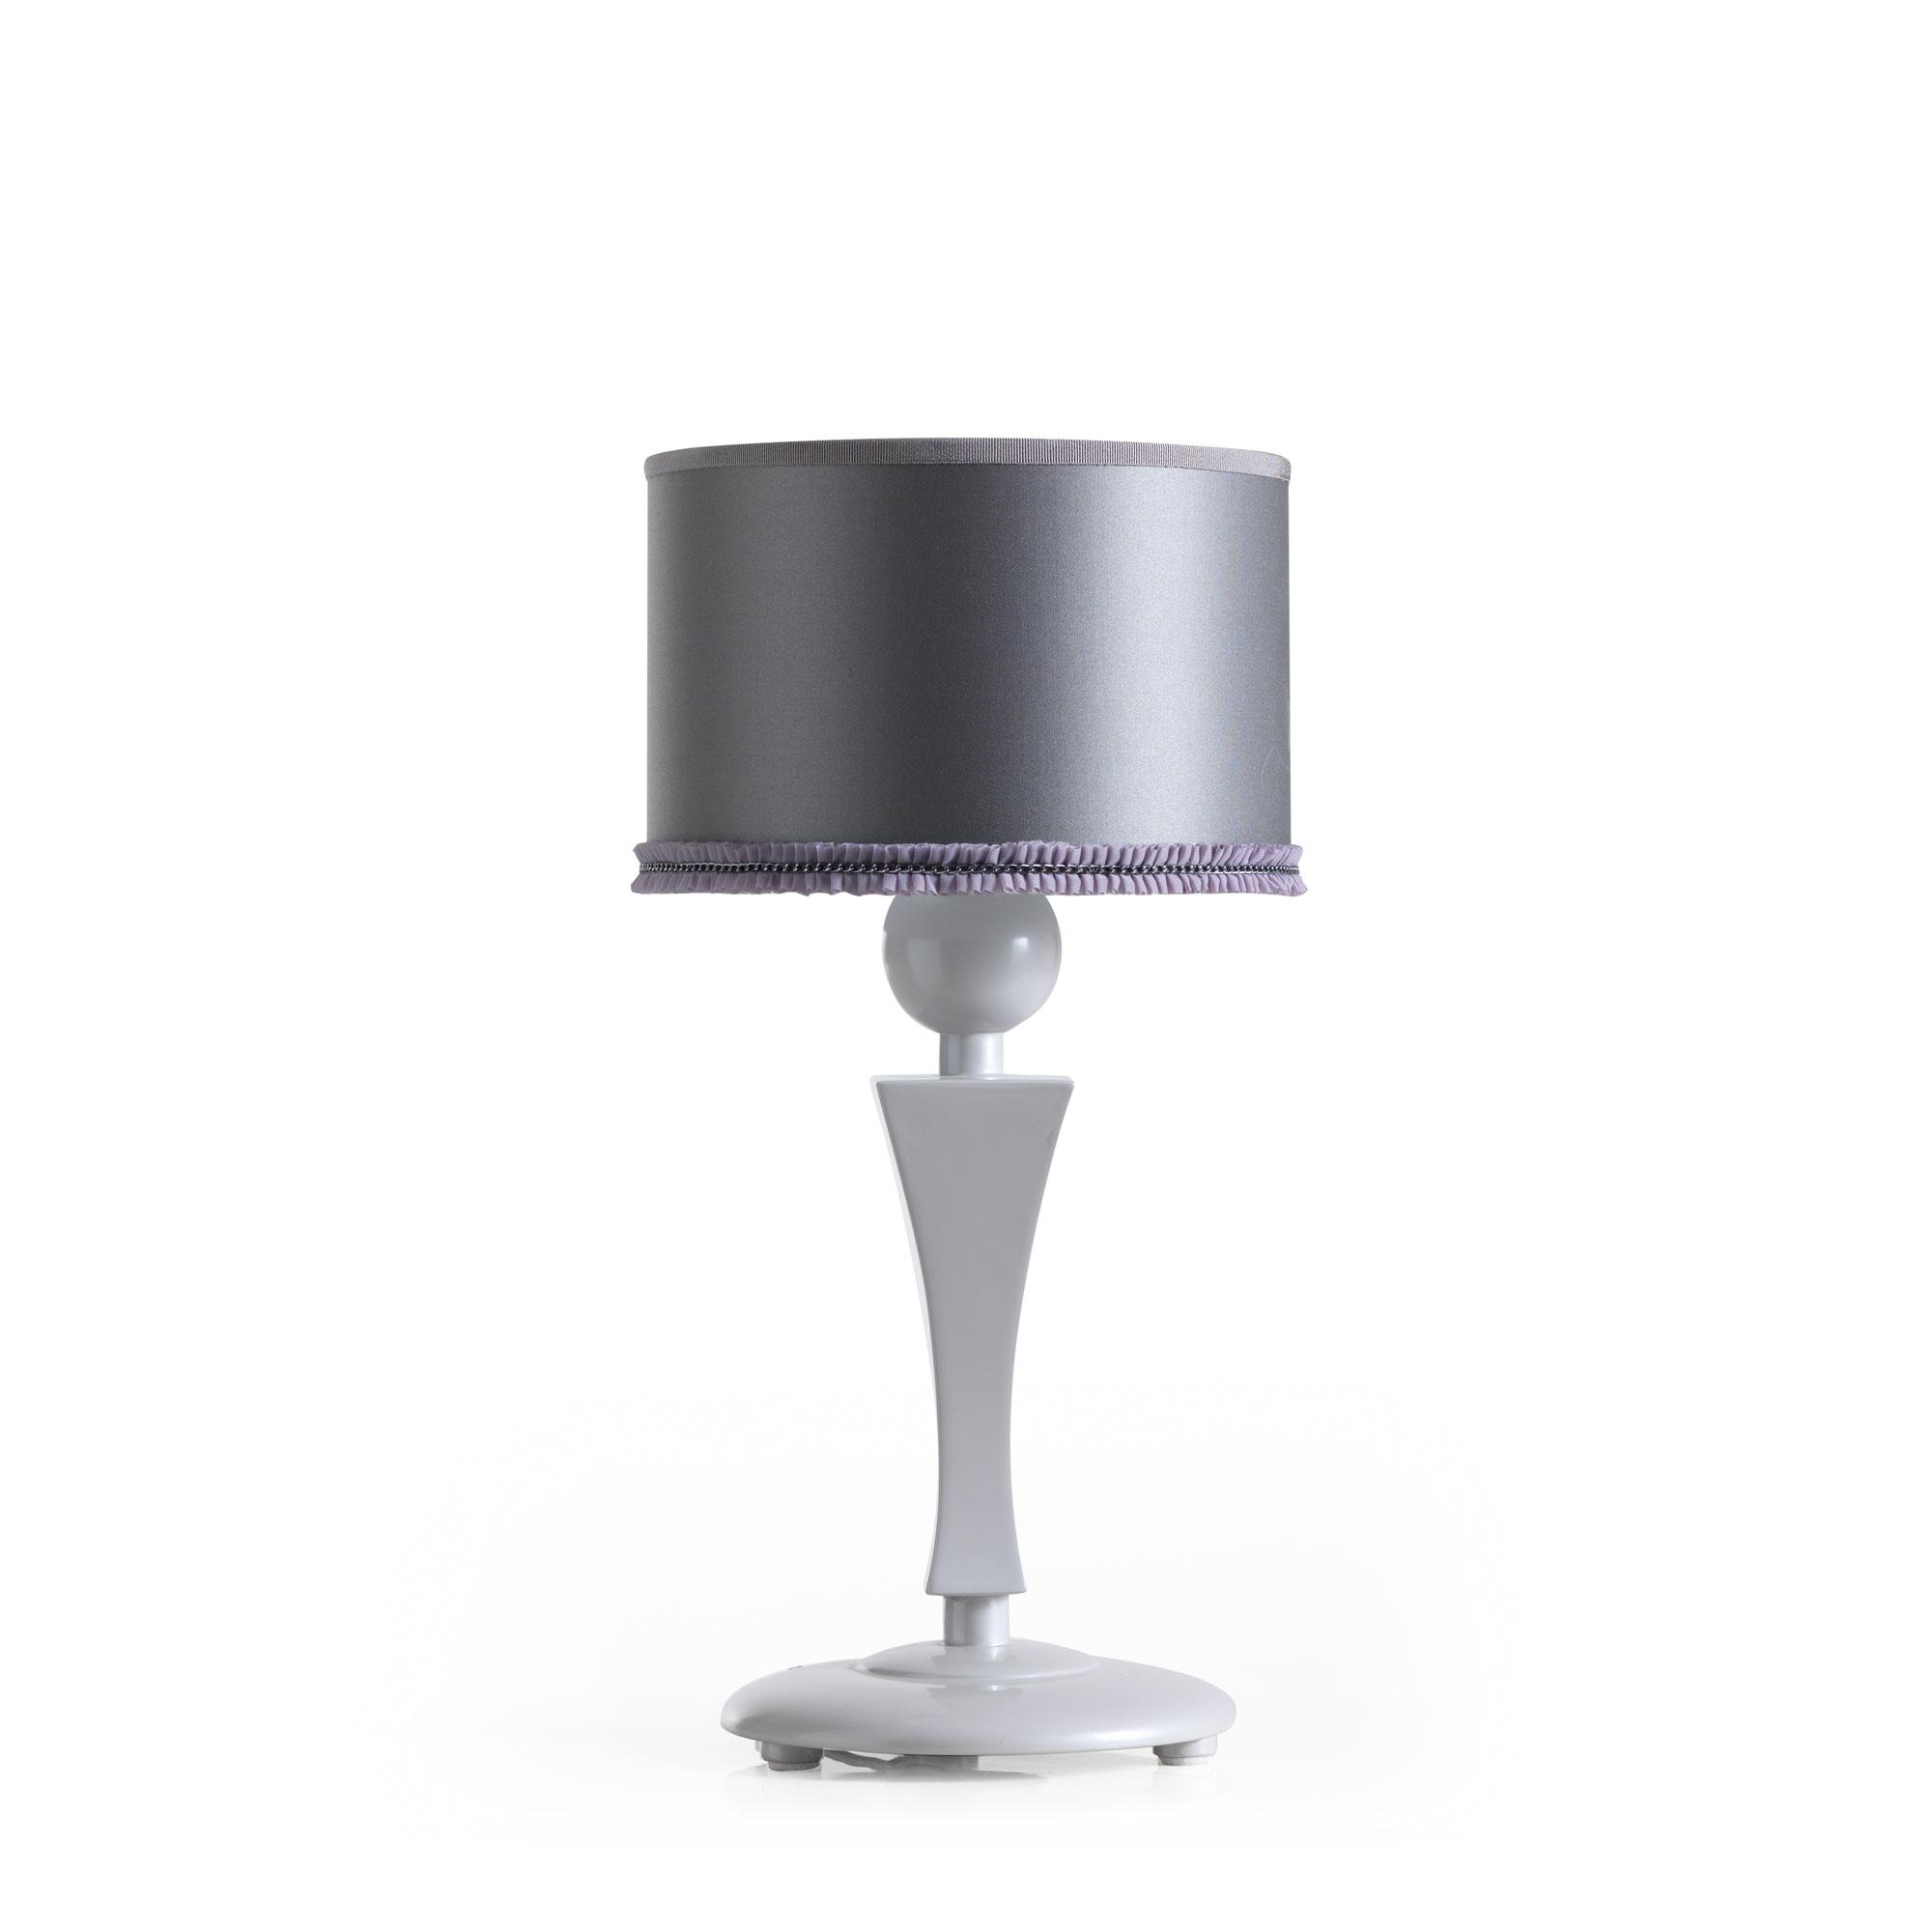 GINGER-ROLL LAMPADA